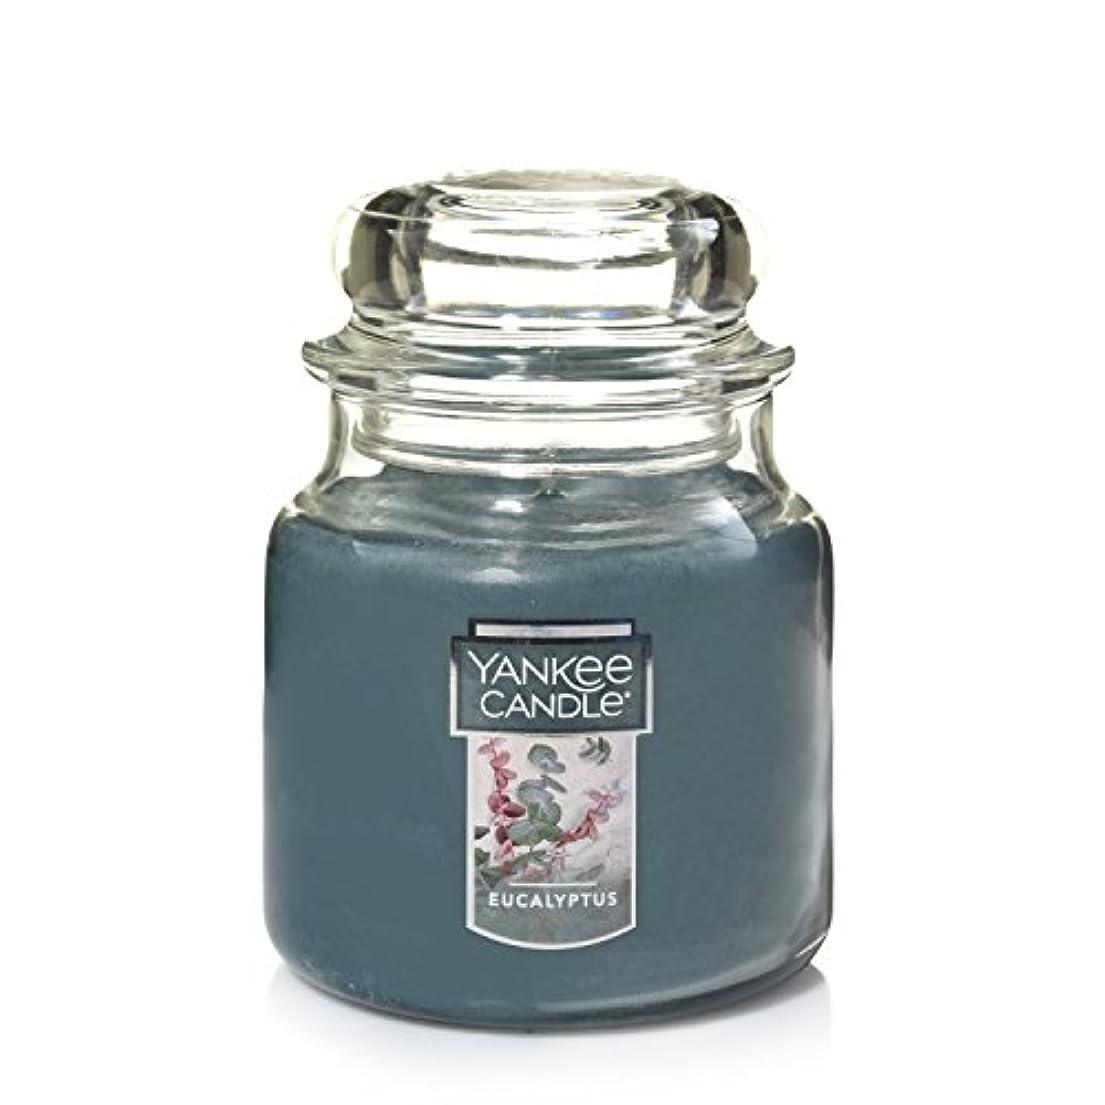 限られたベイビー先祖Yankee Candleユーカリ、新鮮な香り Medium Jar Candle グリーン 11411Z